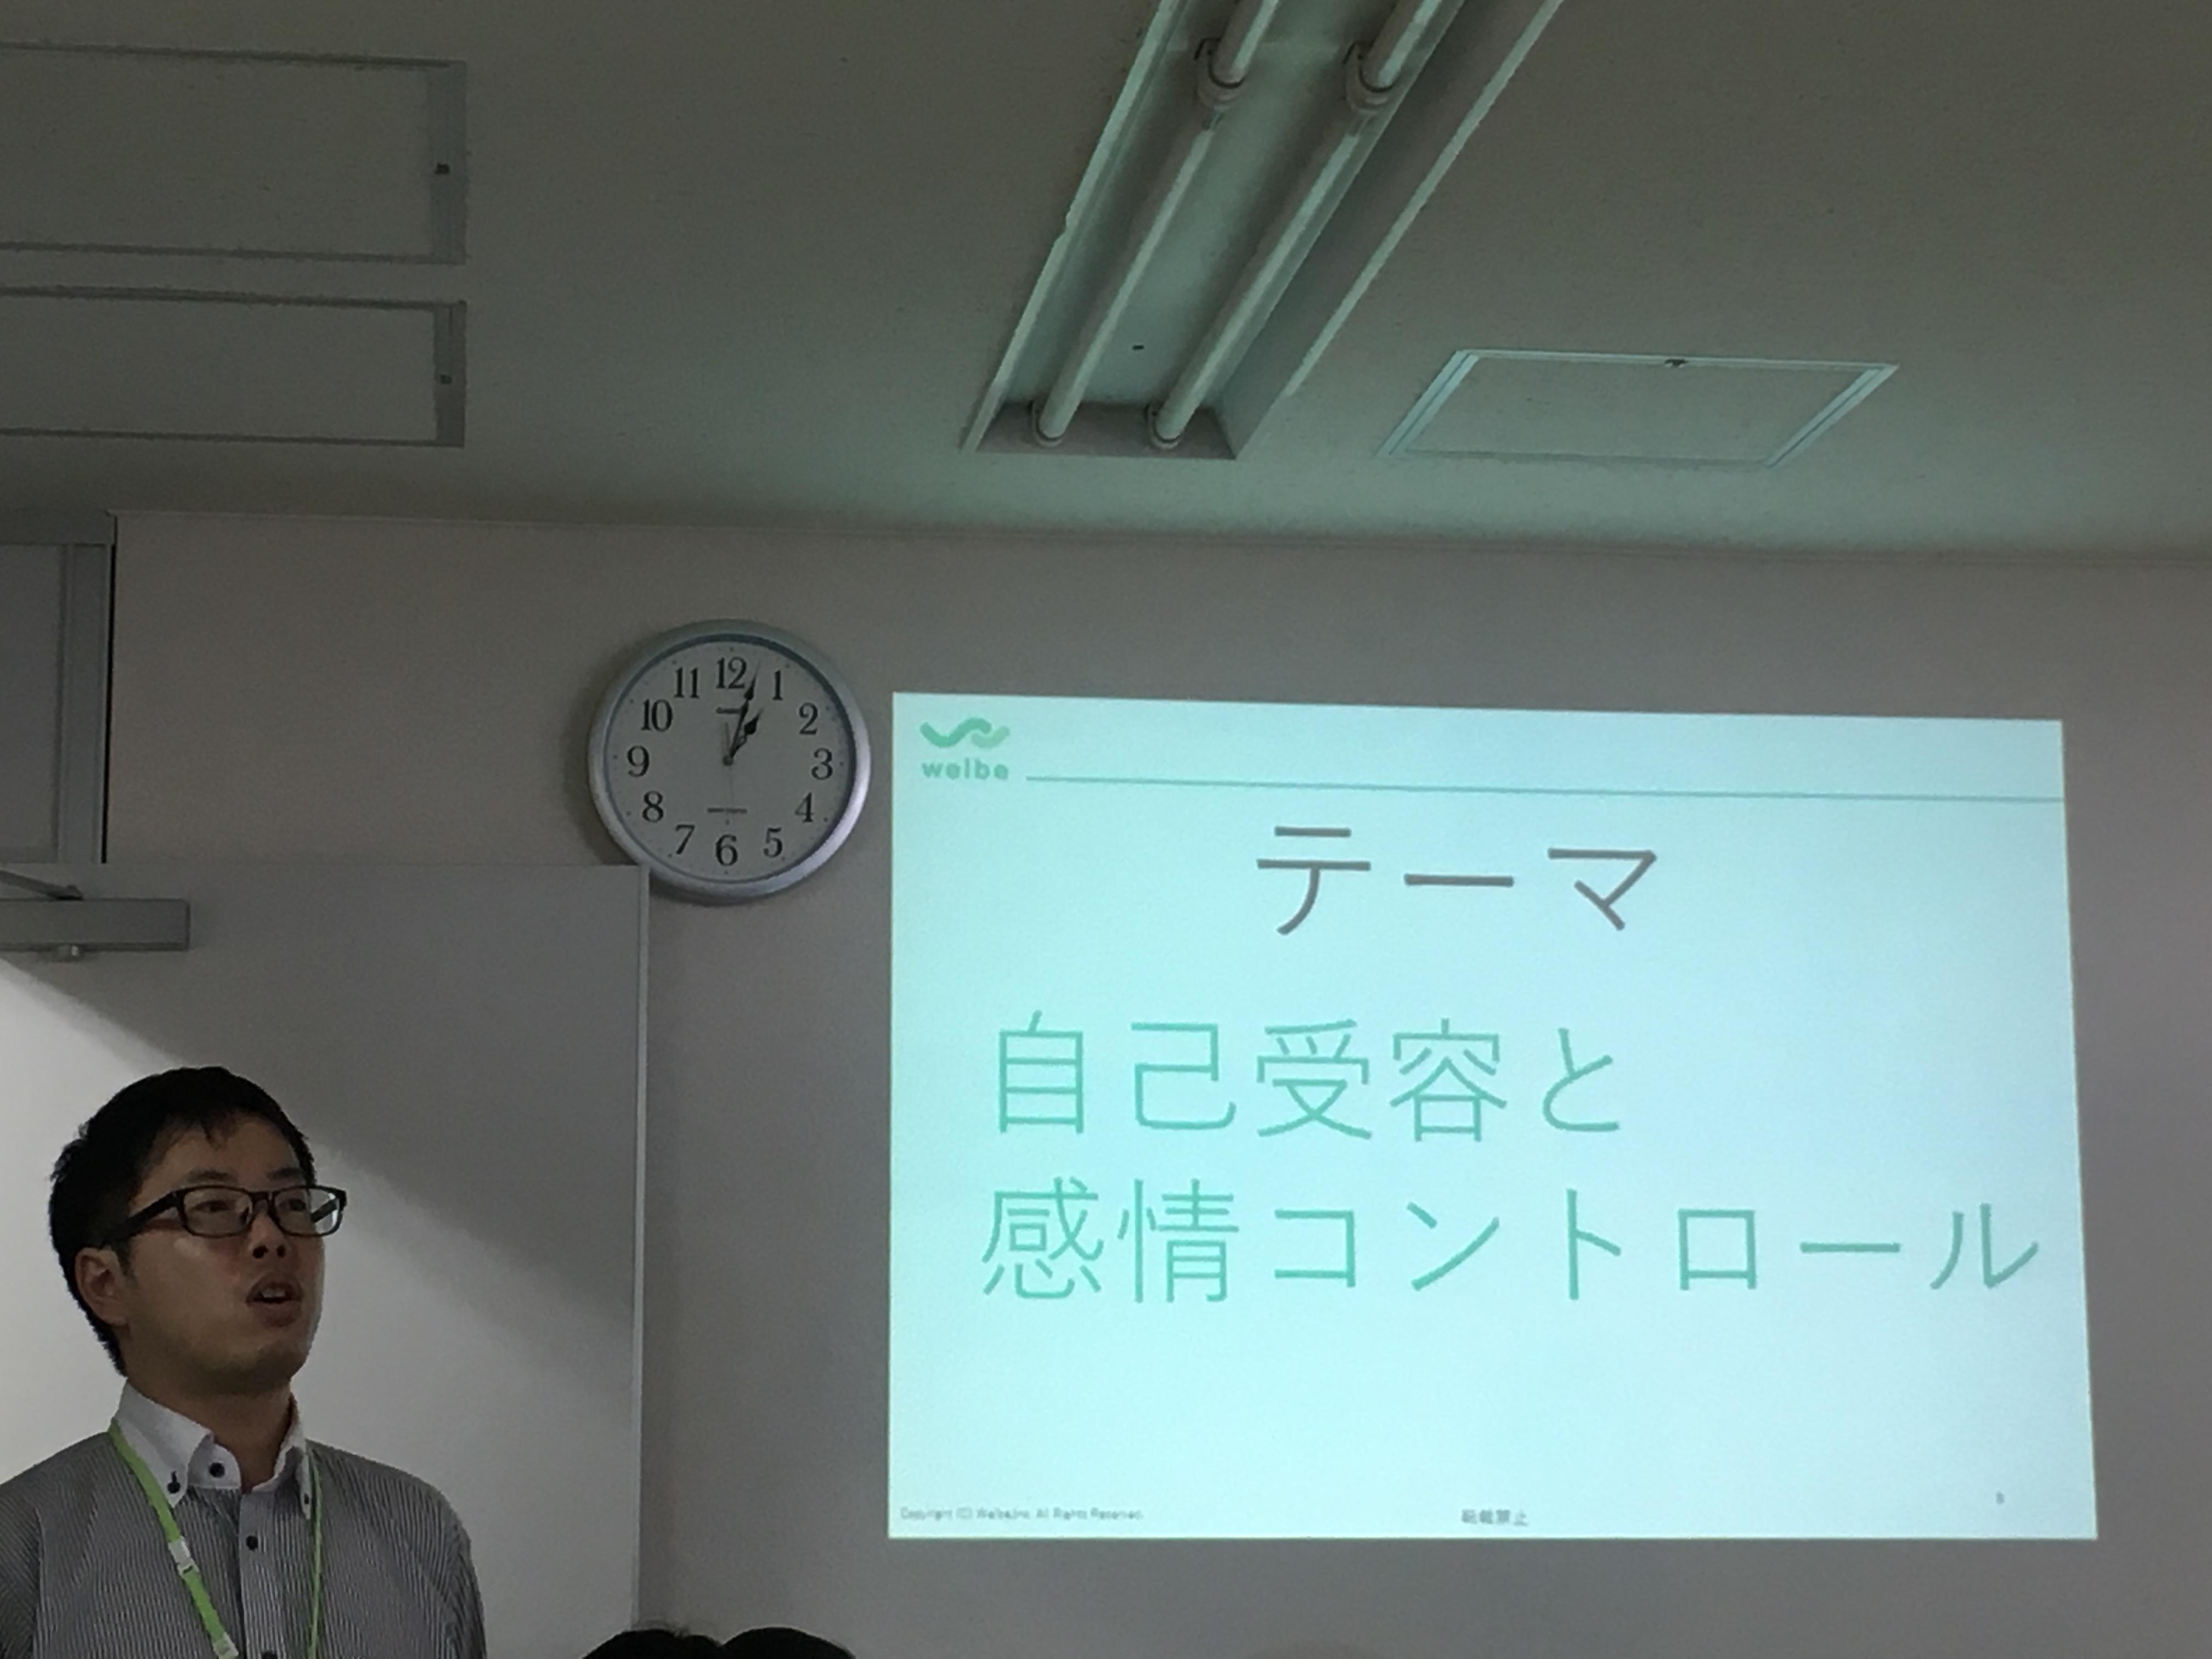 【渋谷】心理学講座の様子1